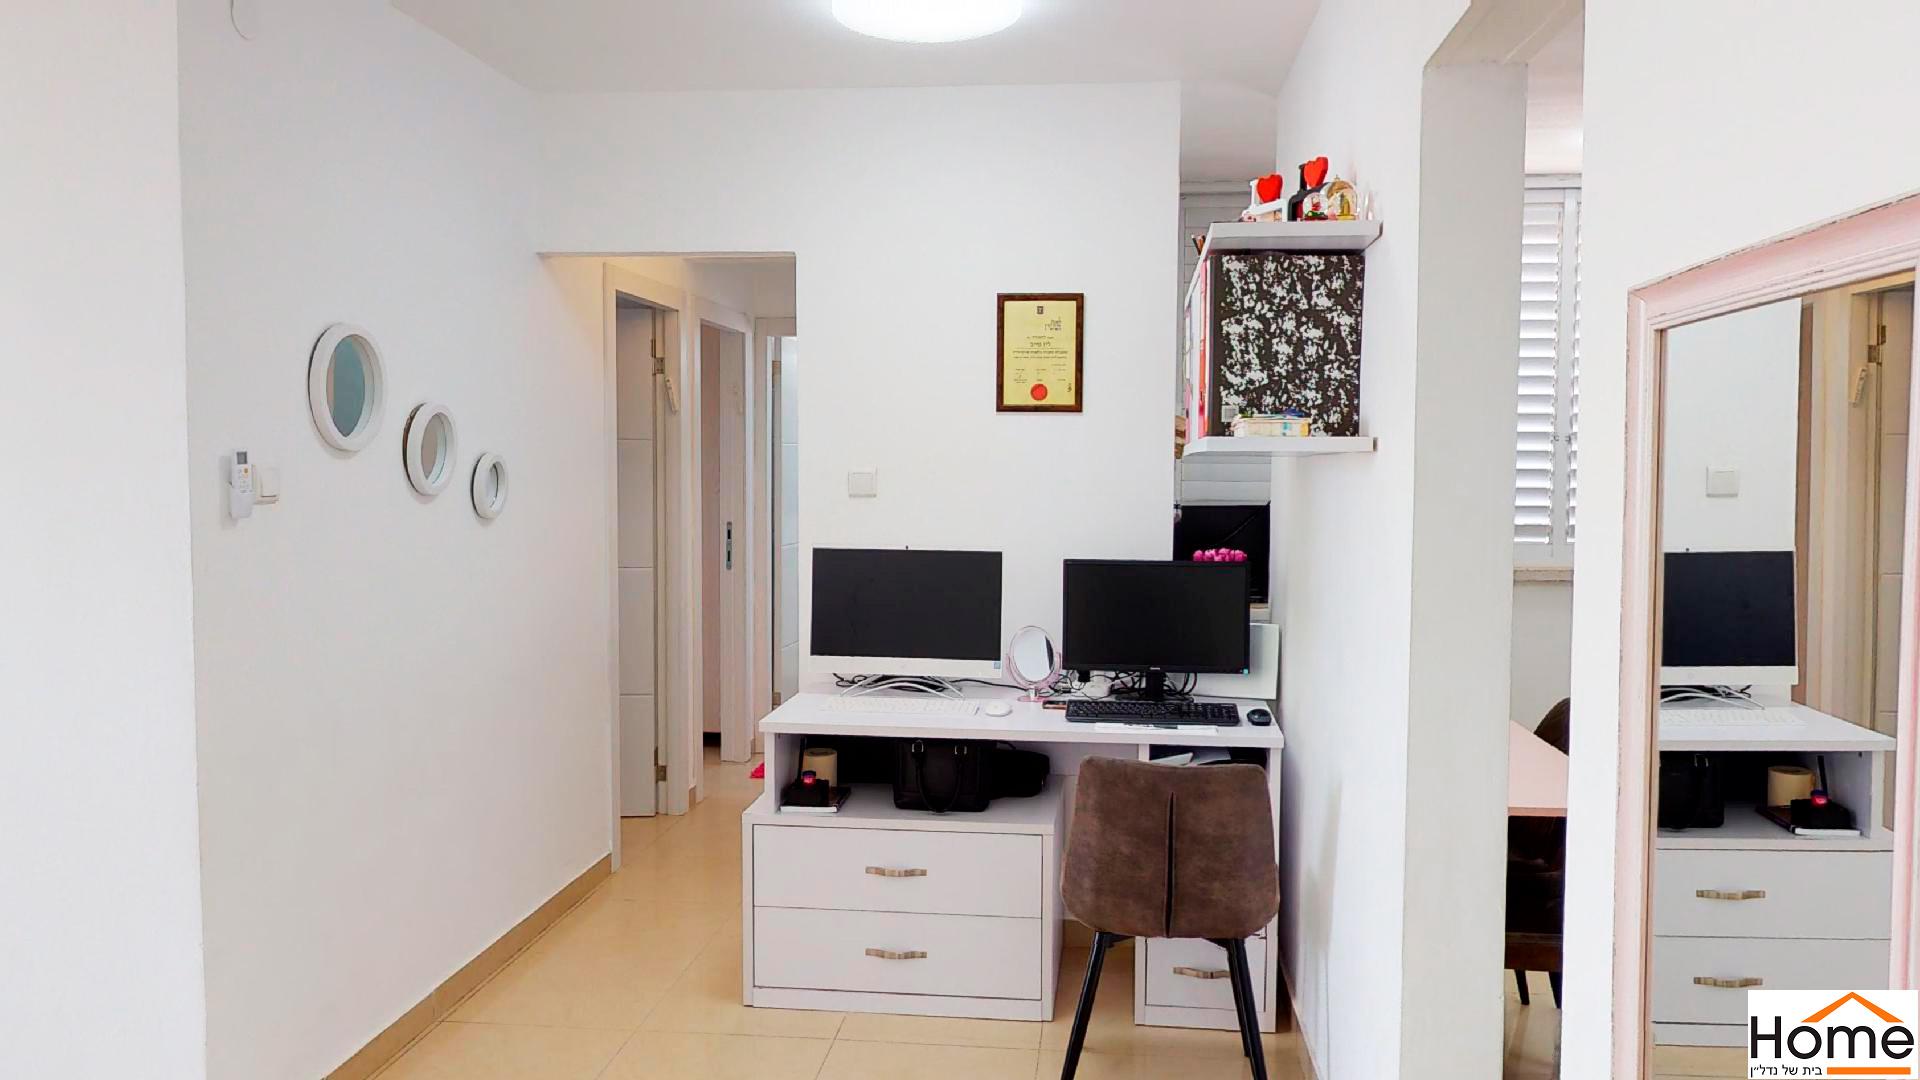 תוכנית הדירה לנכס מספר 12